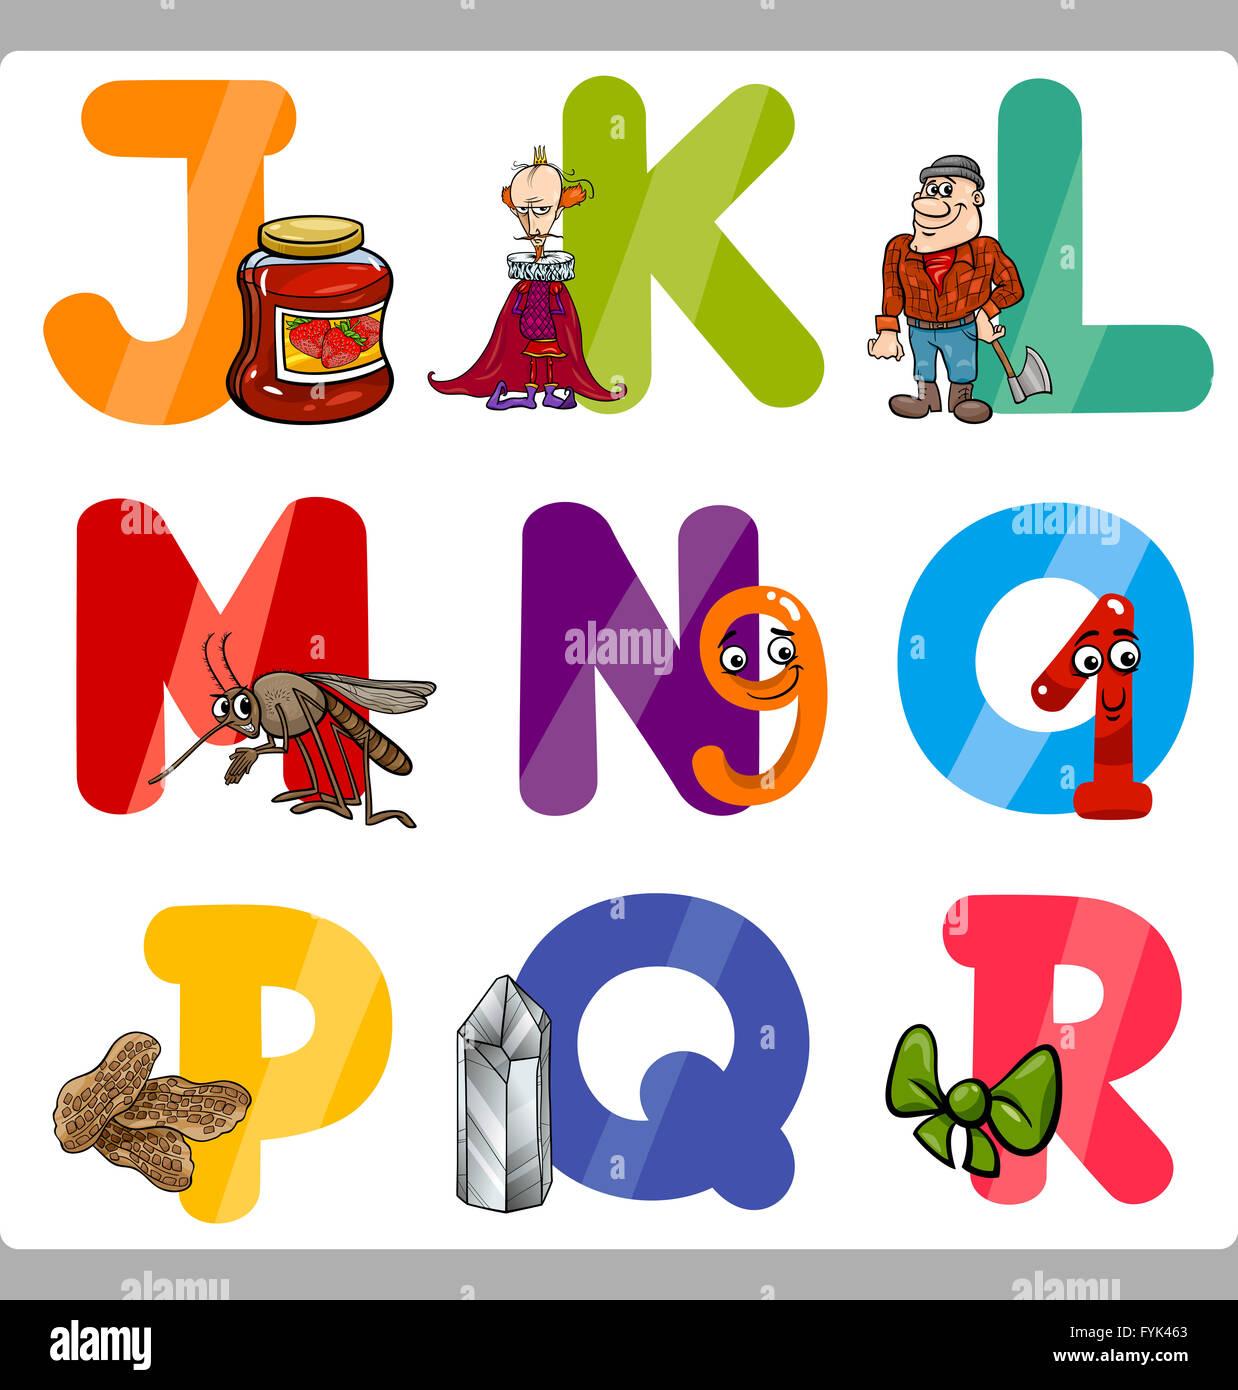 la educación cartoon las letras del abecedario para niños foto